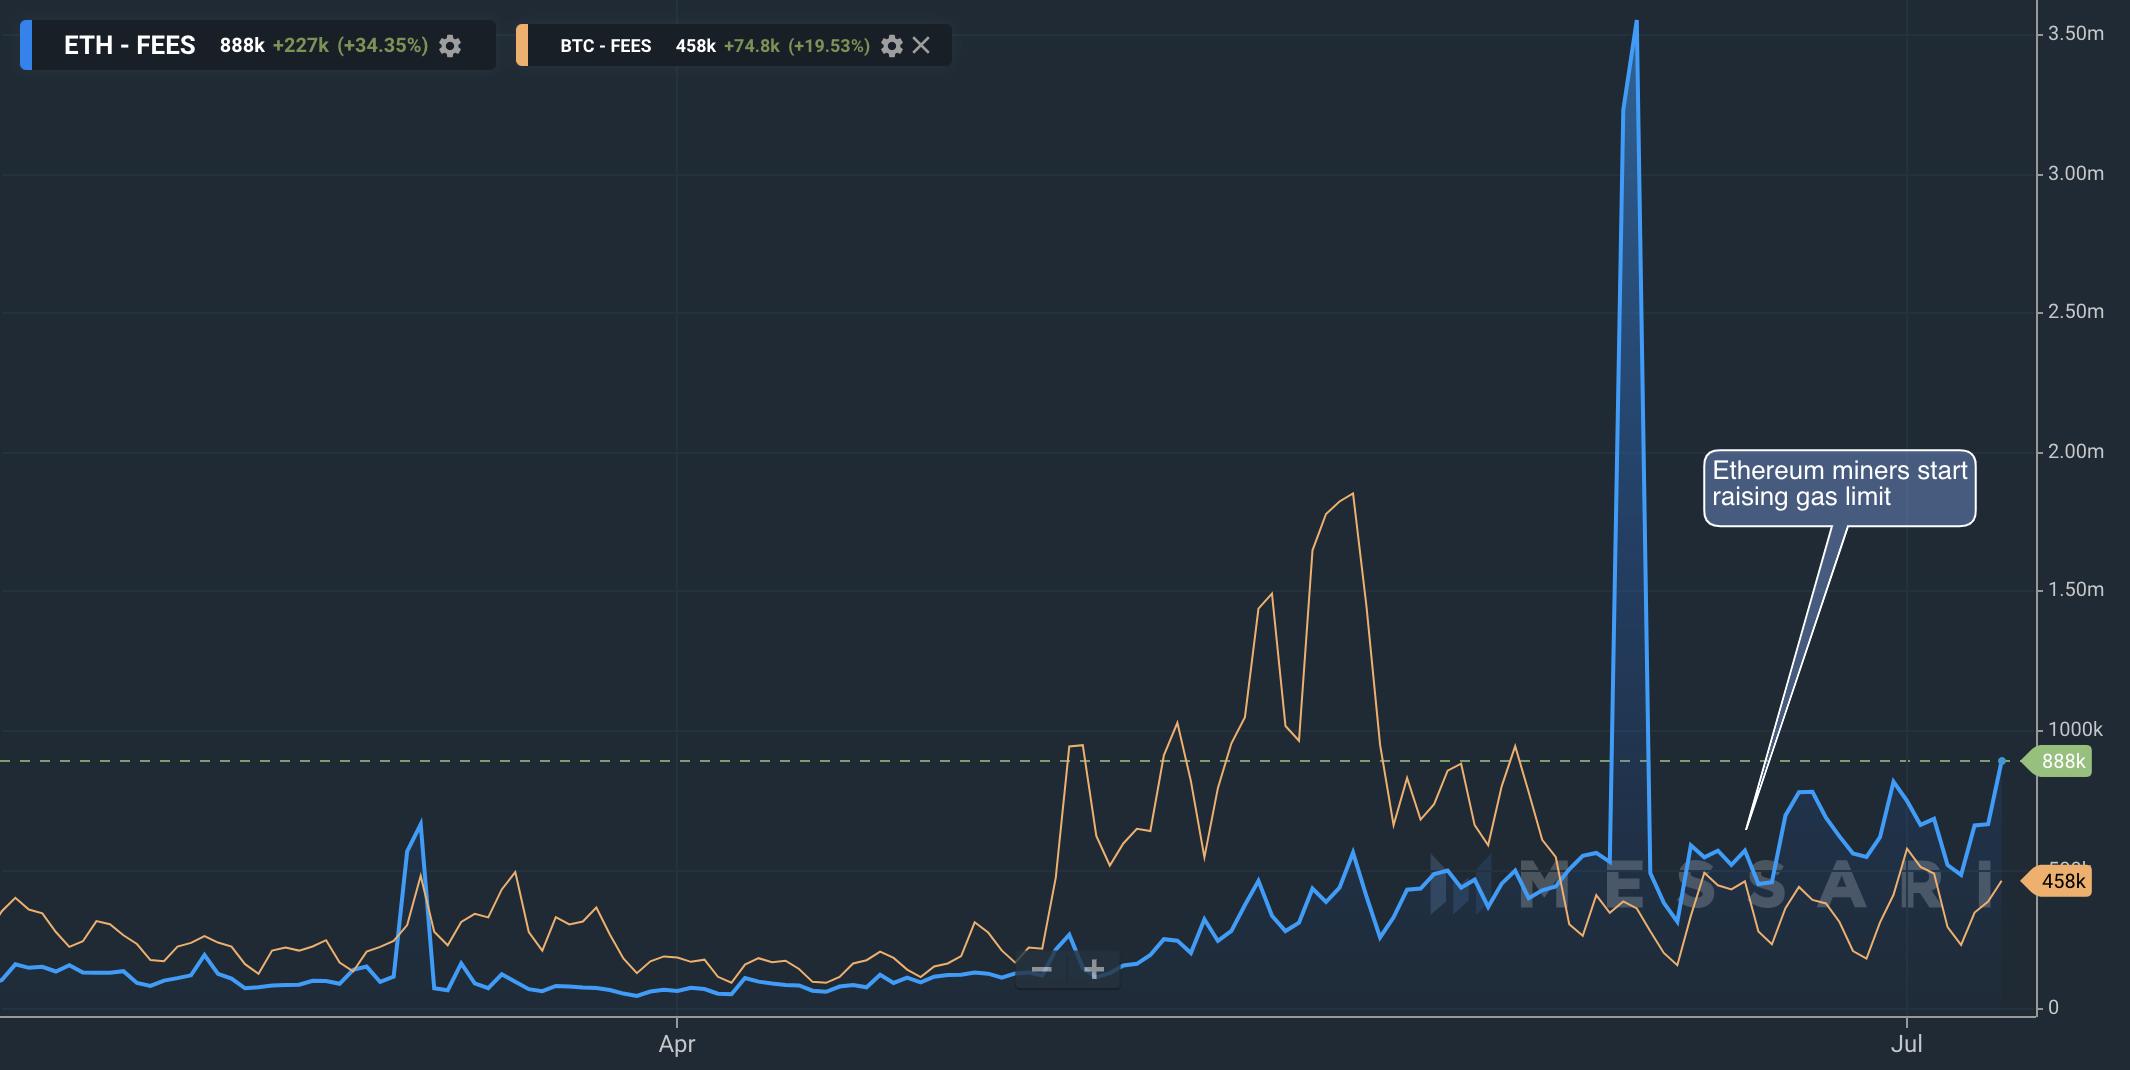 screen shot 2020 07 09 at 7.11.41 pm - Транзакционные сборы на эфириуме в течение 30 дней были выше, чем в сети биткоина